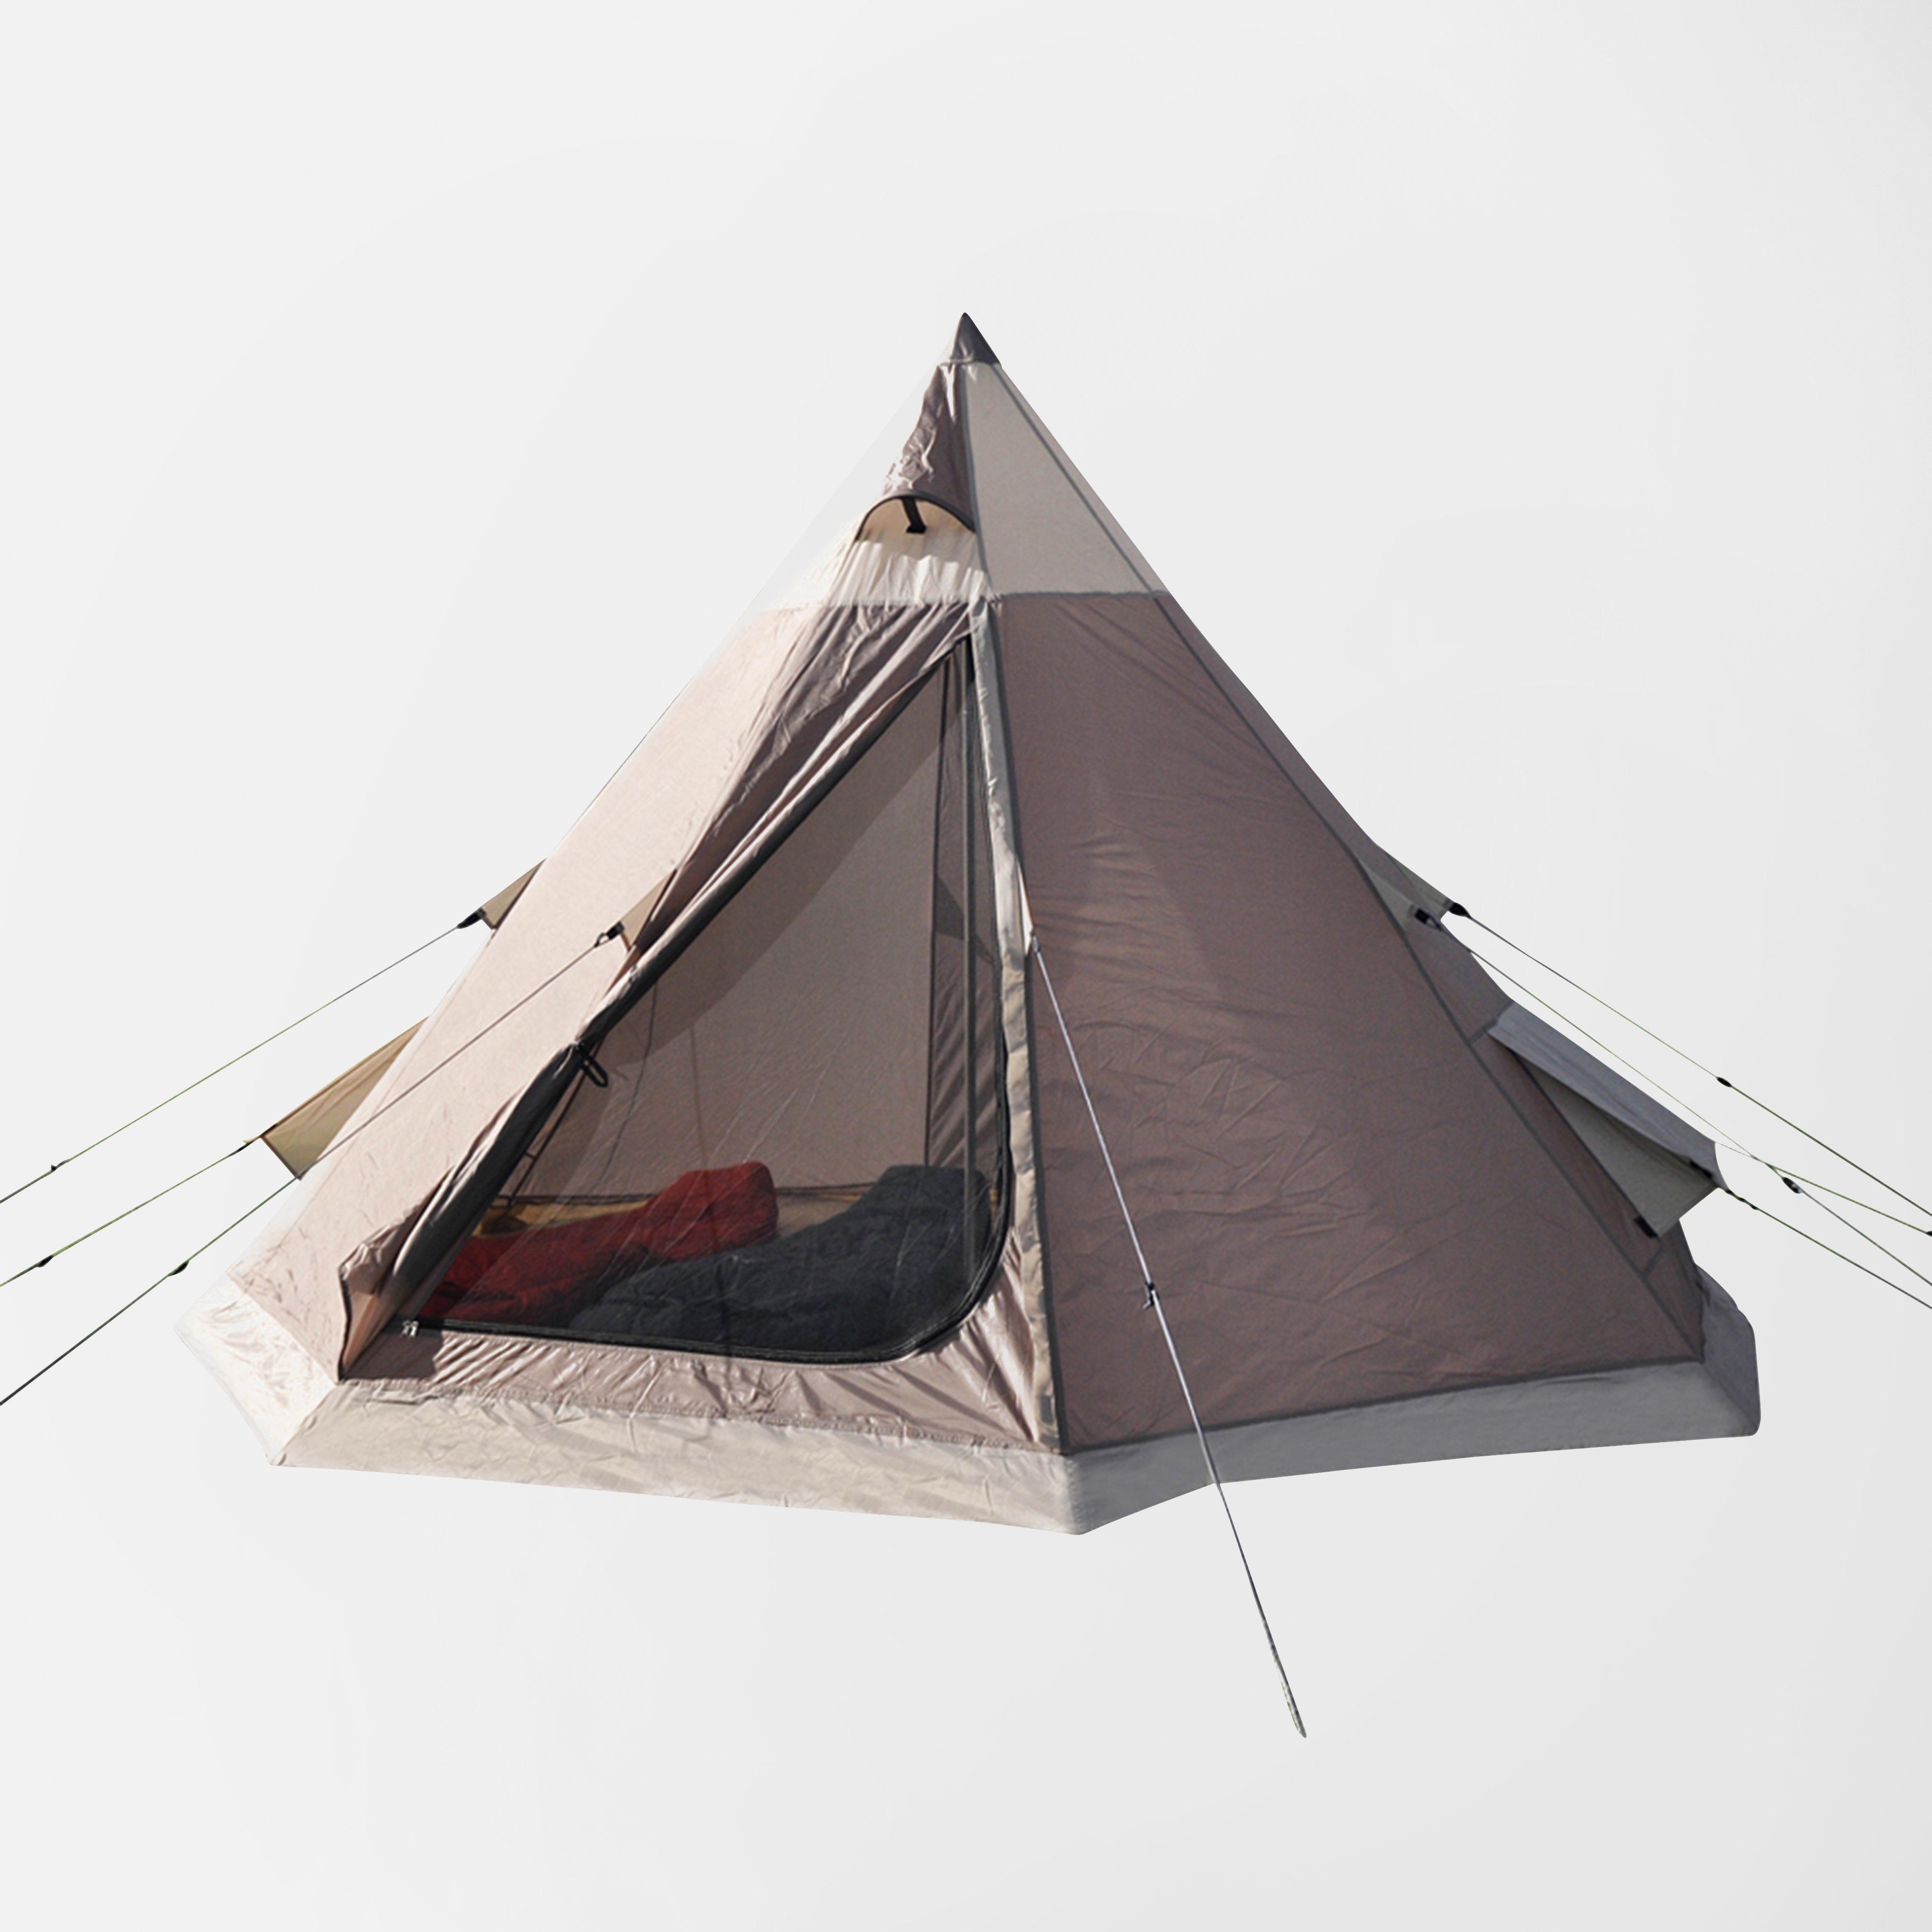 Eurohike Teepee Tent - Brown/Tau, Brown/TAU